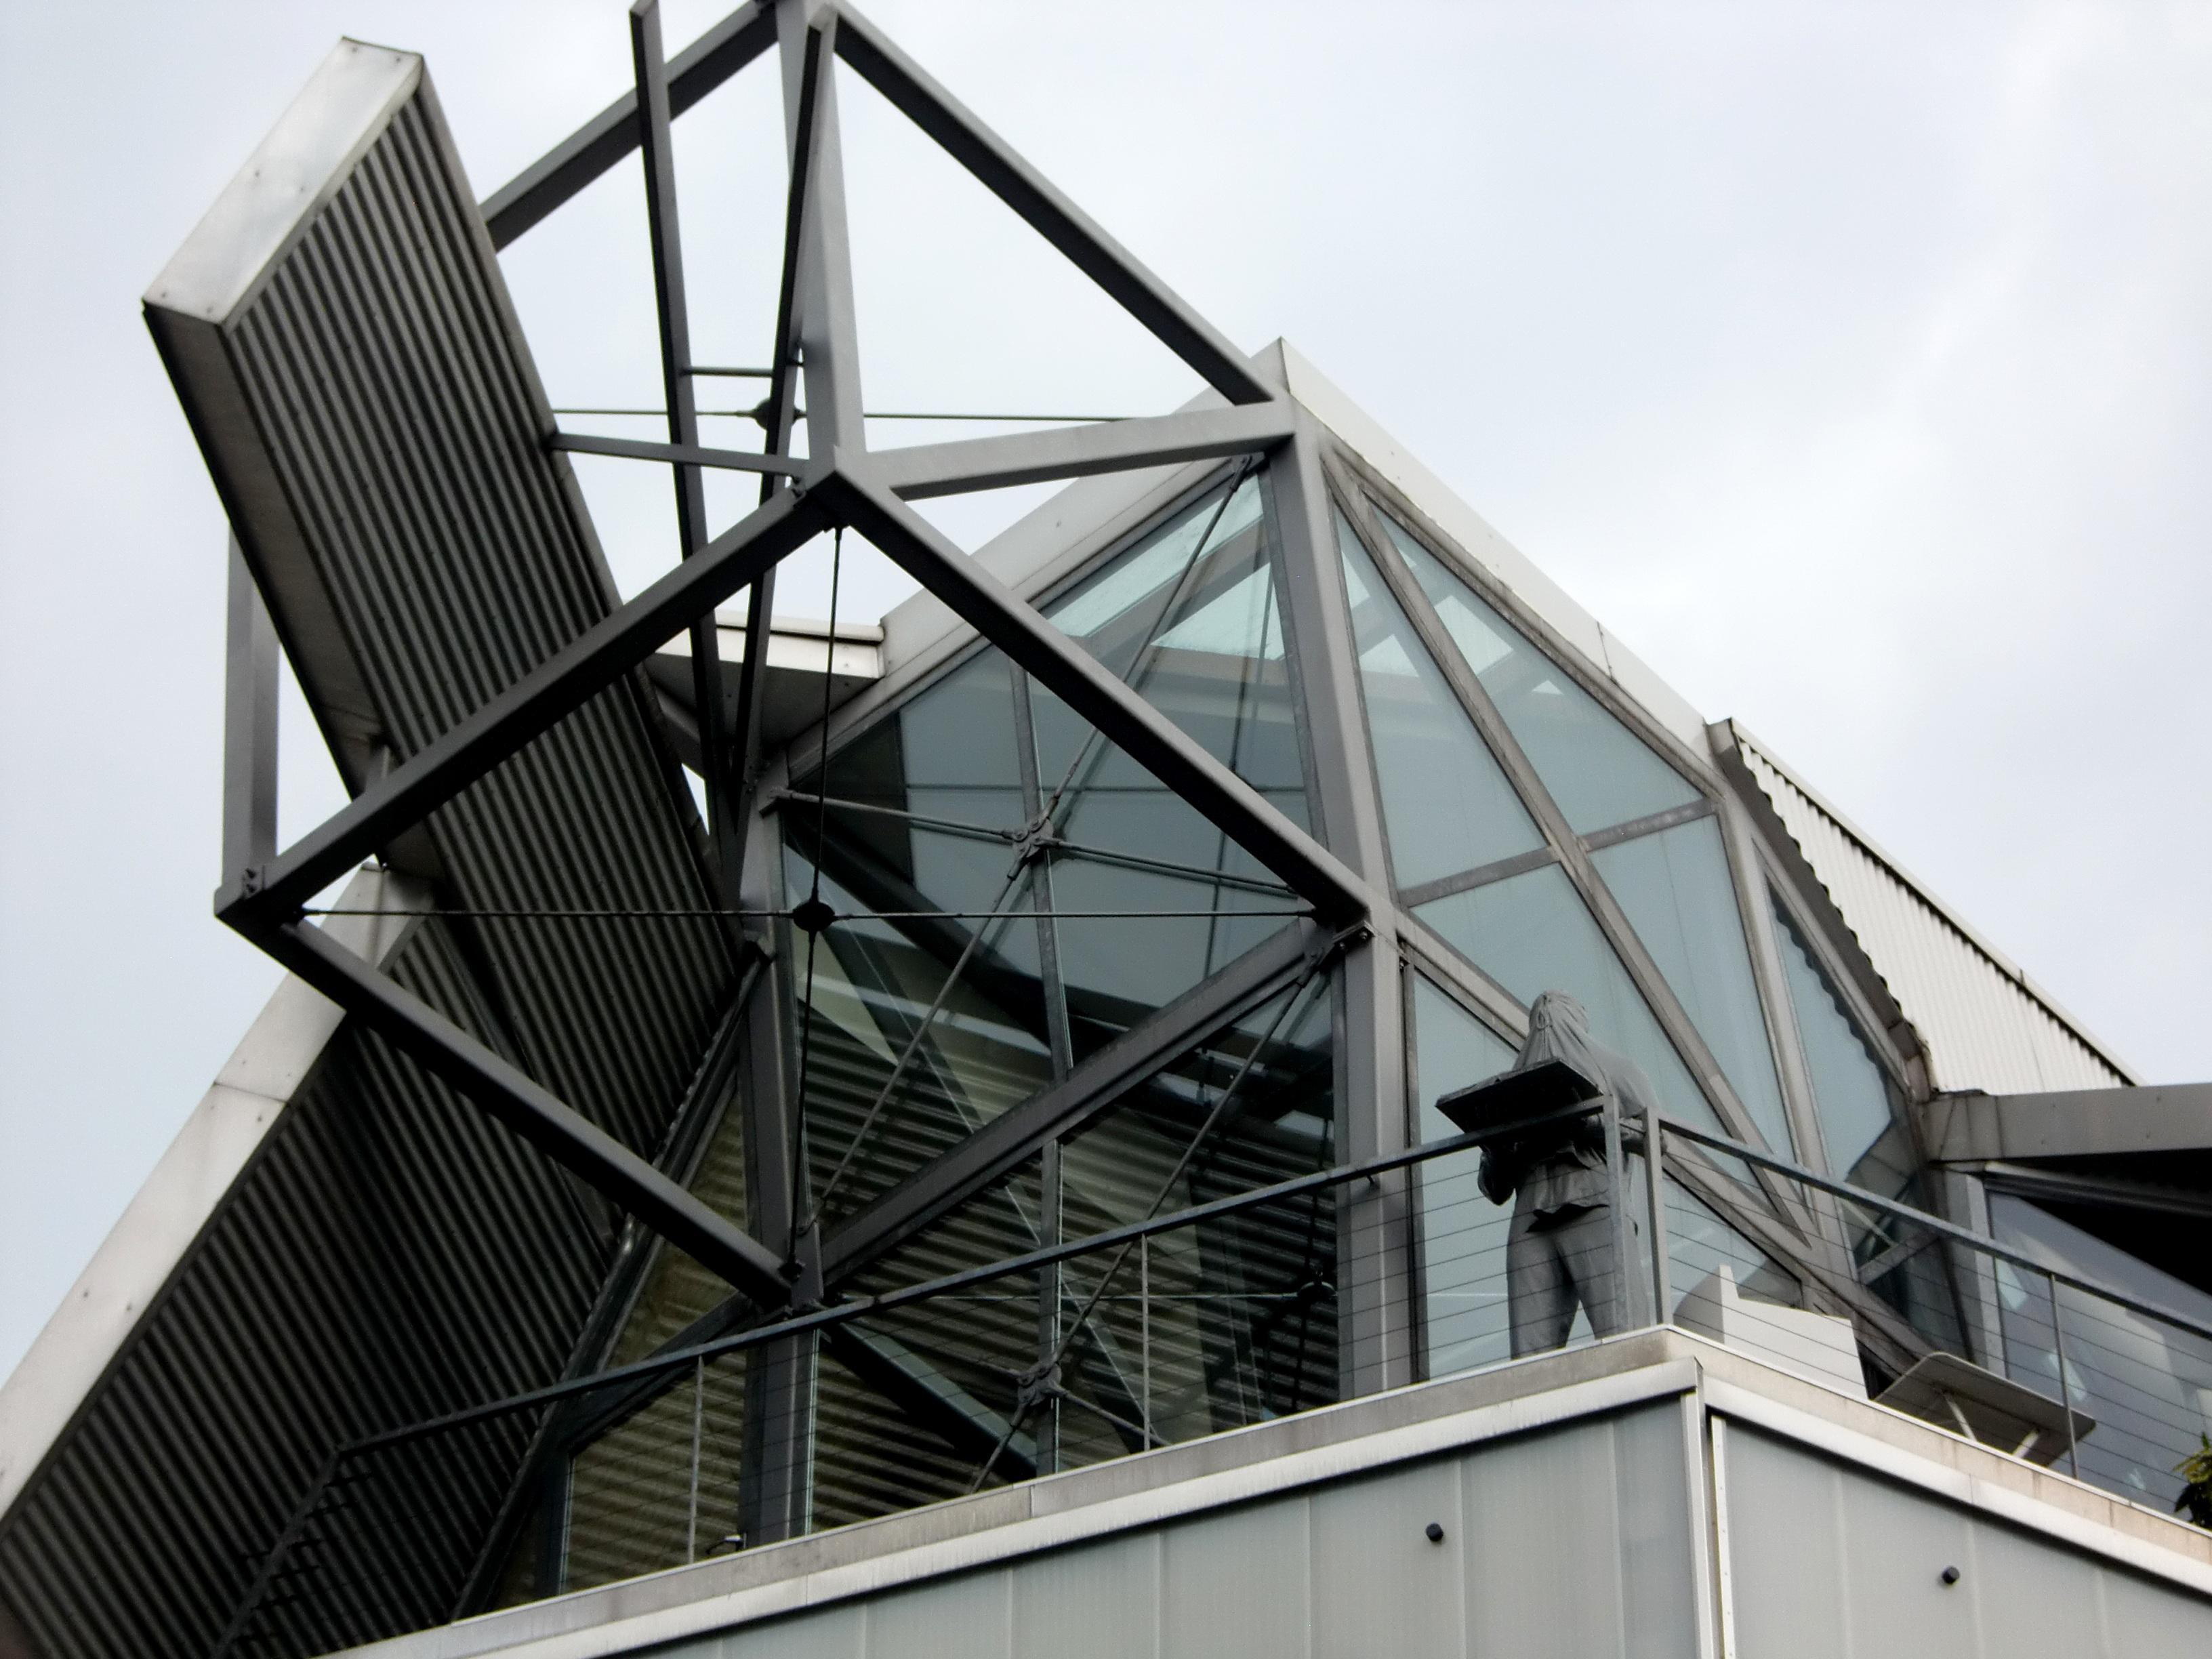 Stehlen Modern kostenlose foto die architektur struktur fenster glas dach